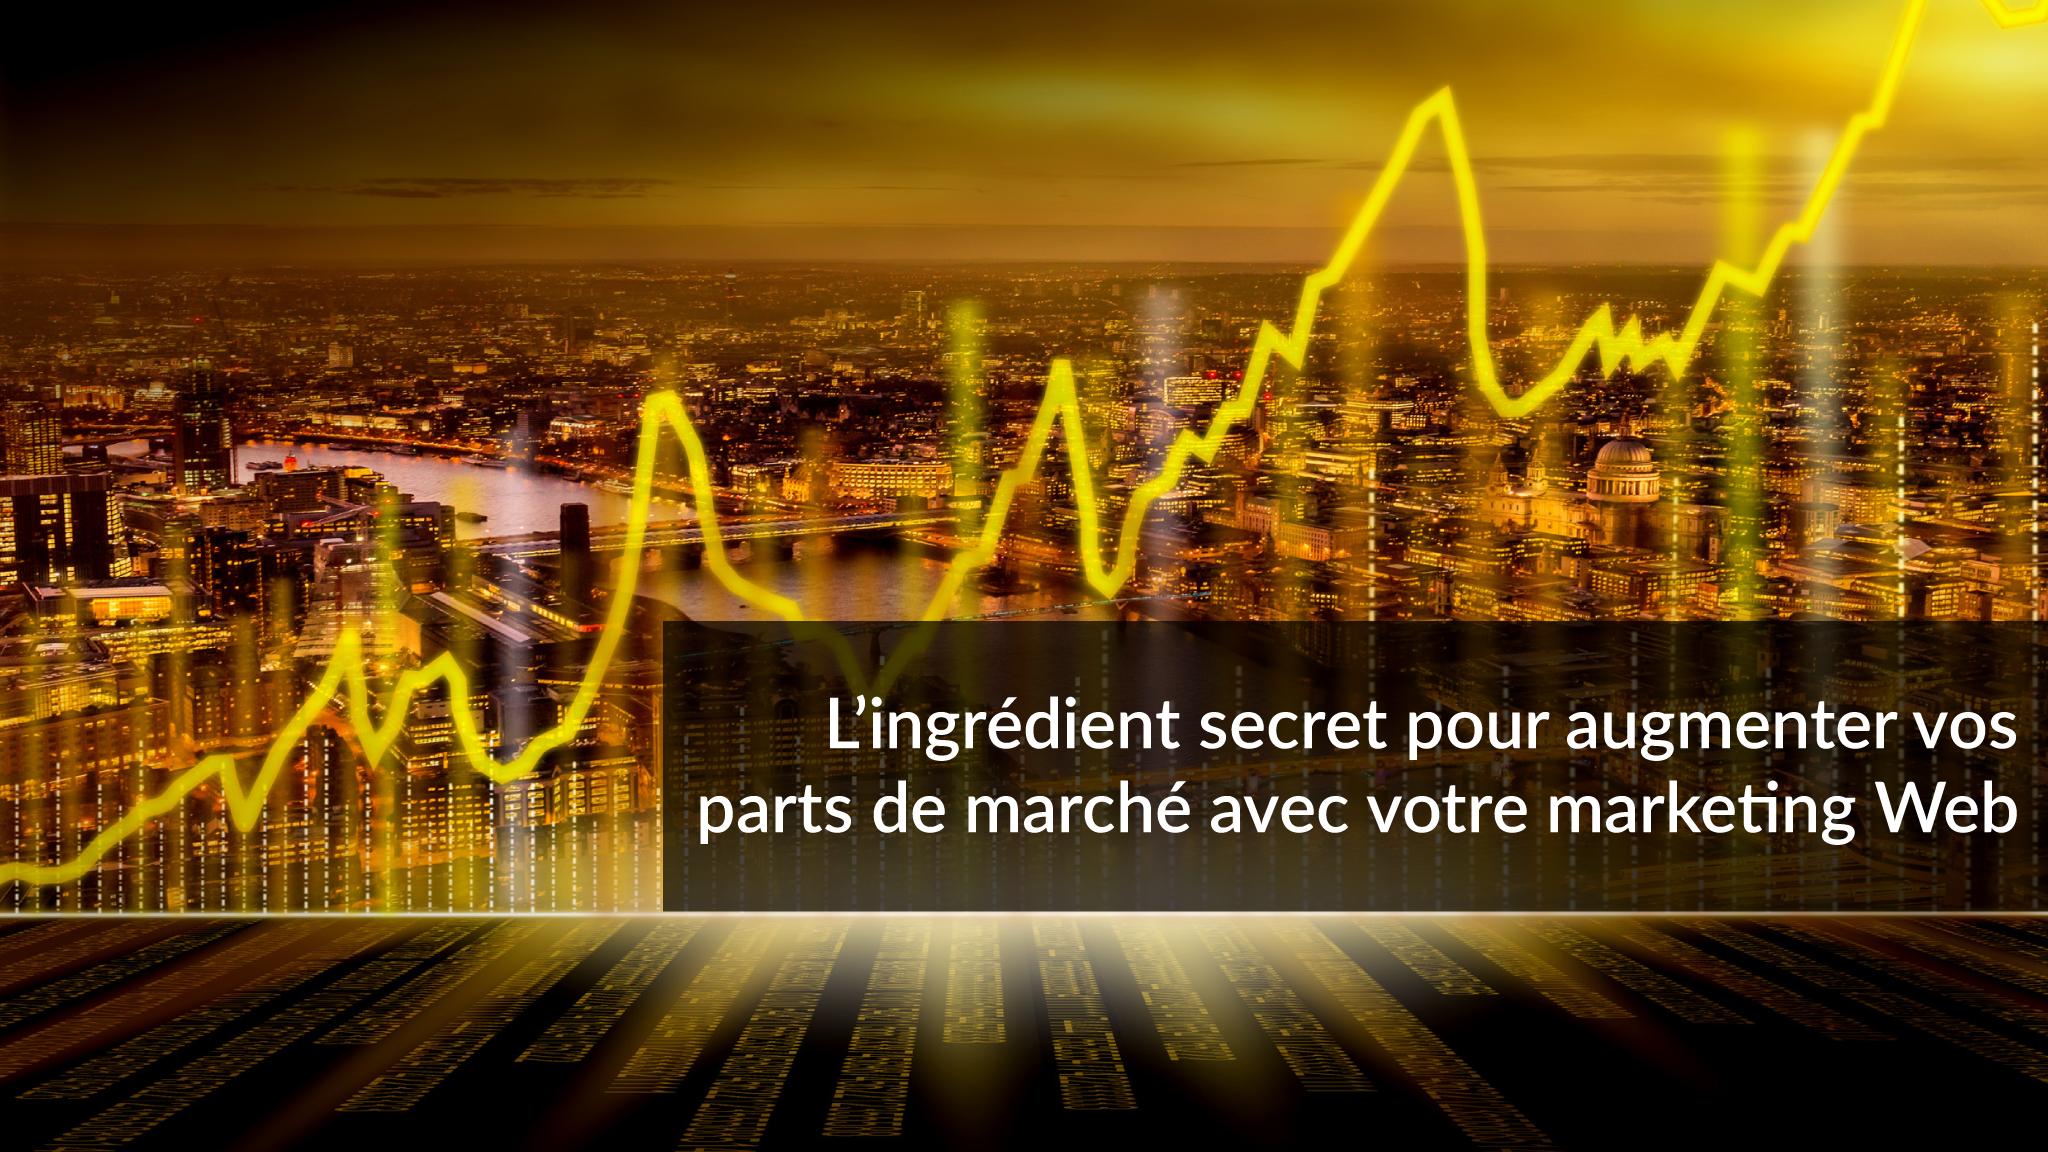 L'ingrédient secret pour augmenter vos parts de marché avec votre marketing Web | Studio Grafik